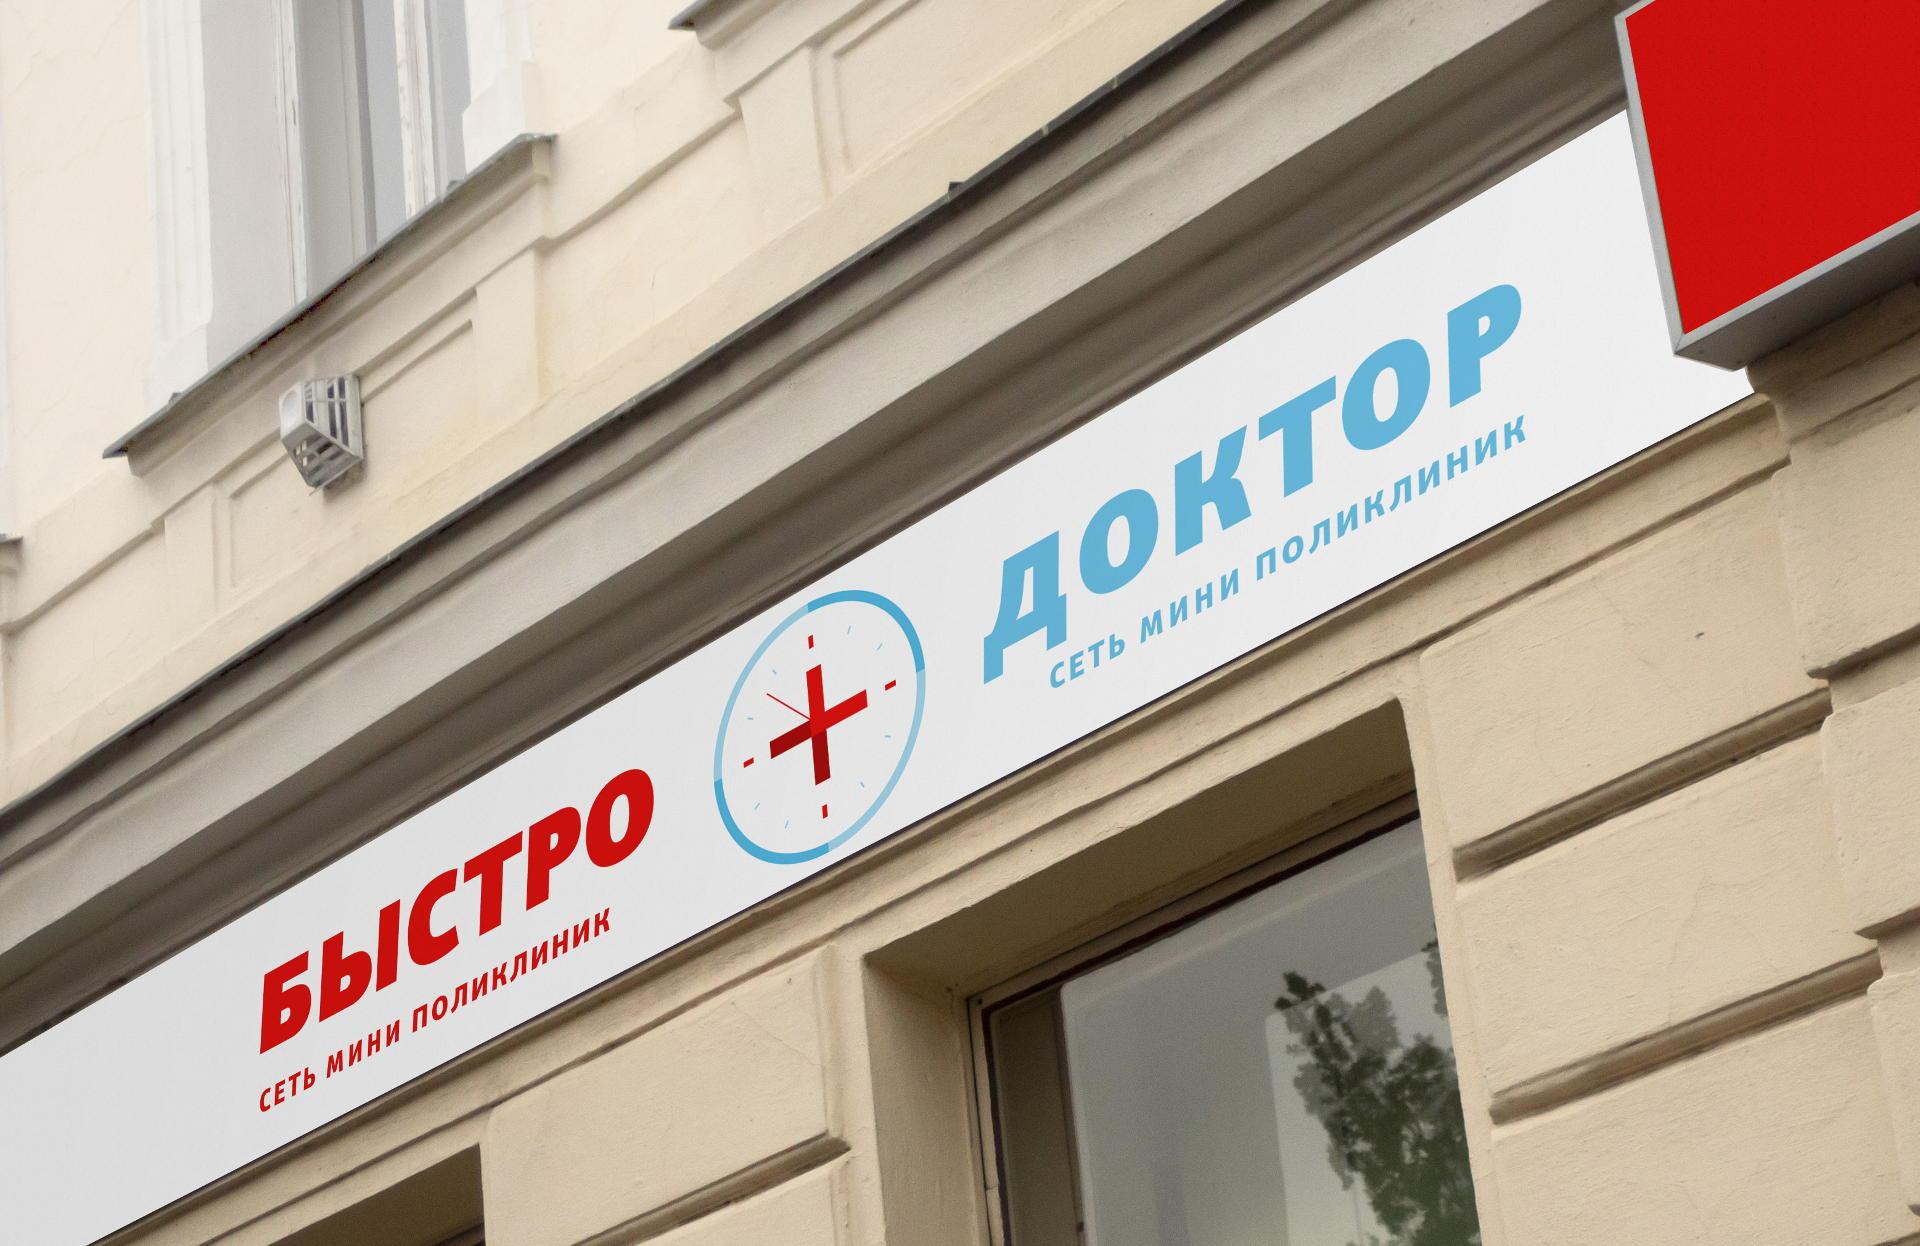 Разработка логотипа для сети экспресс поликлиник